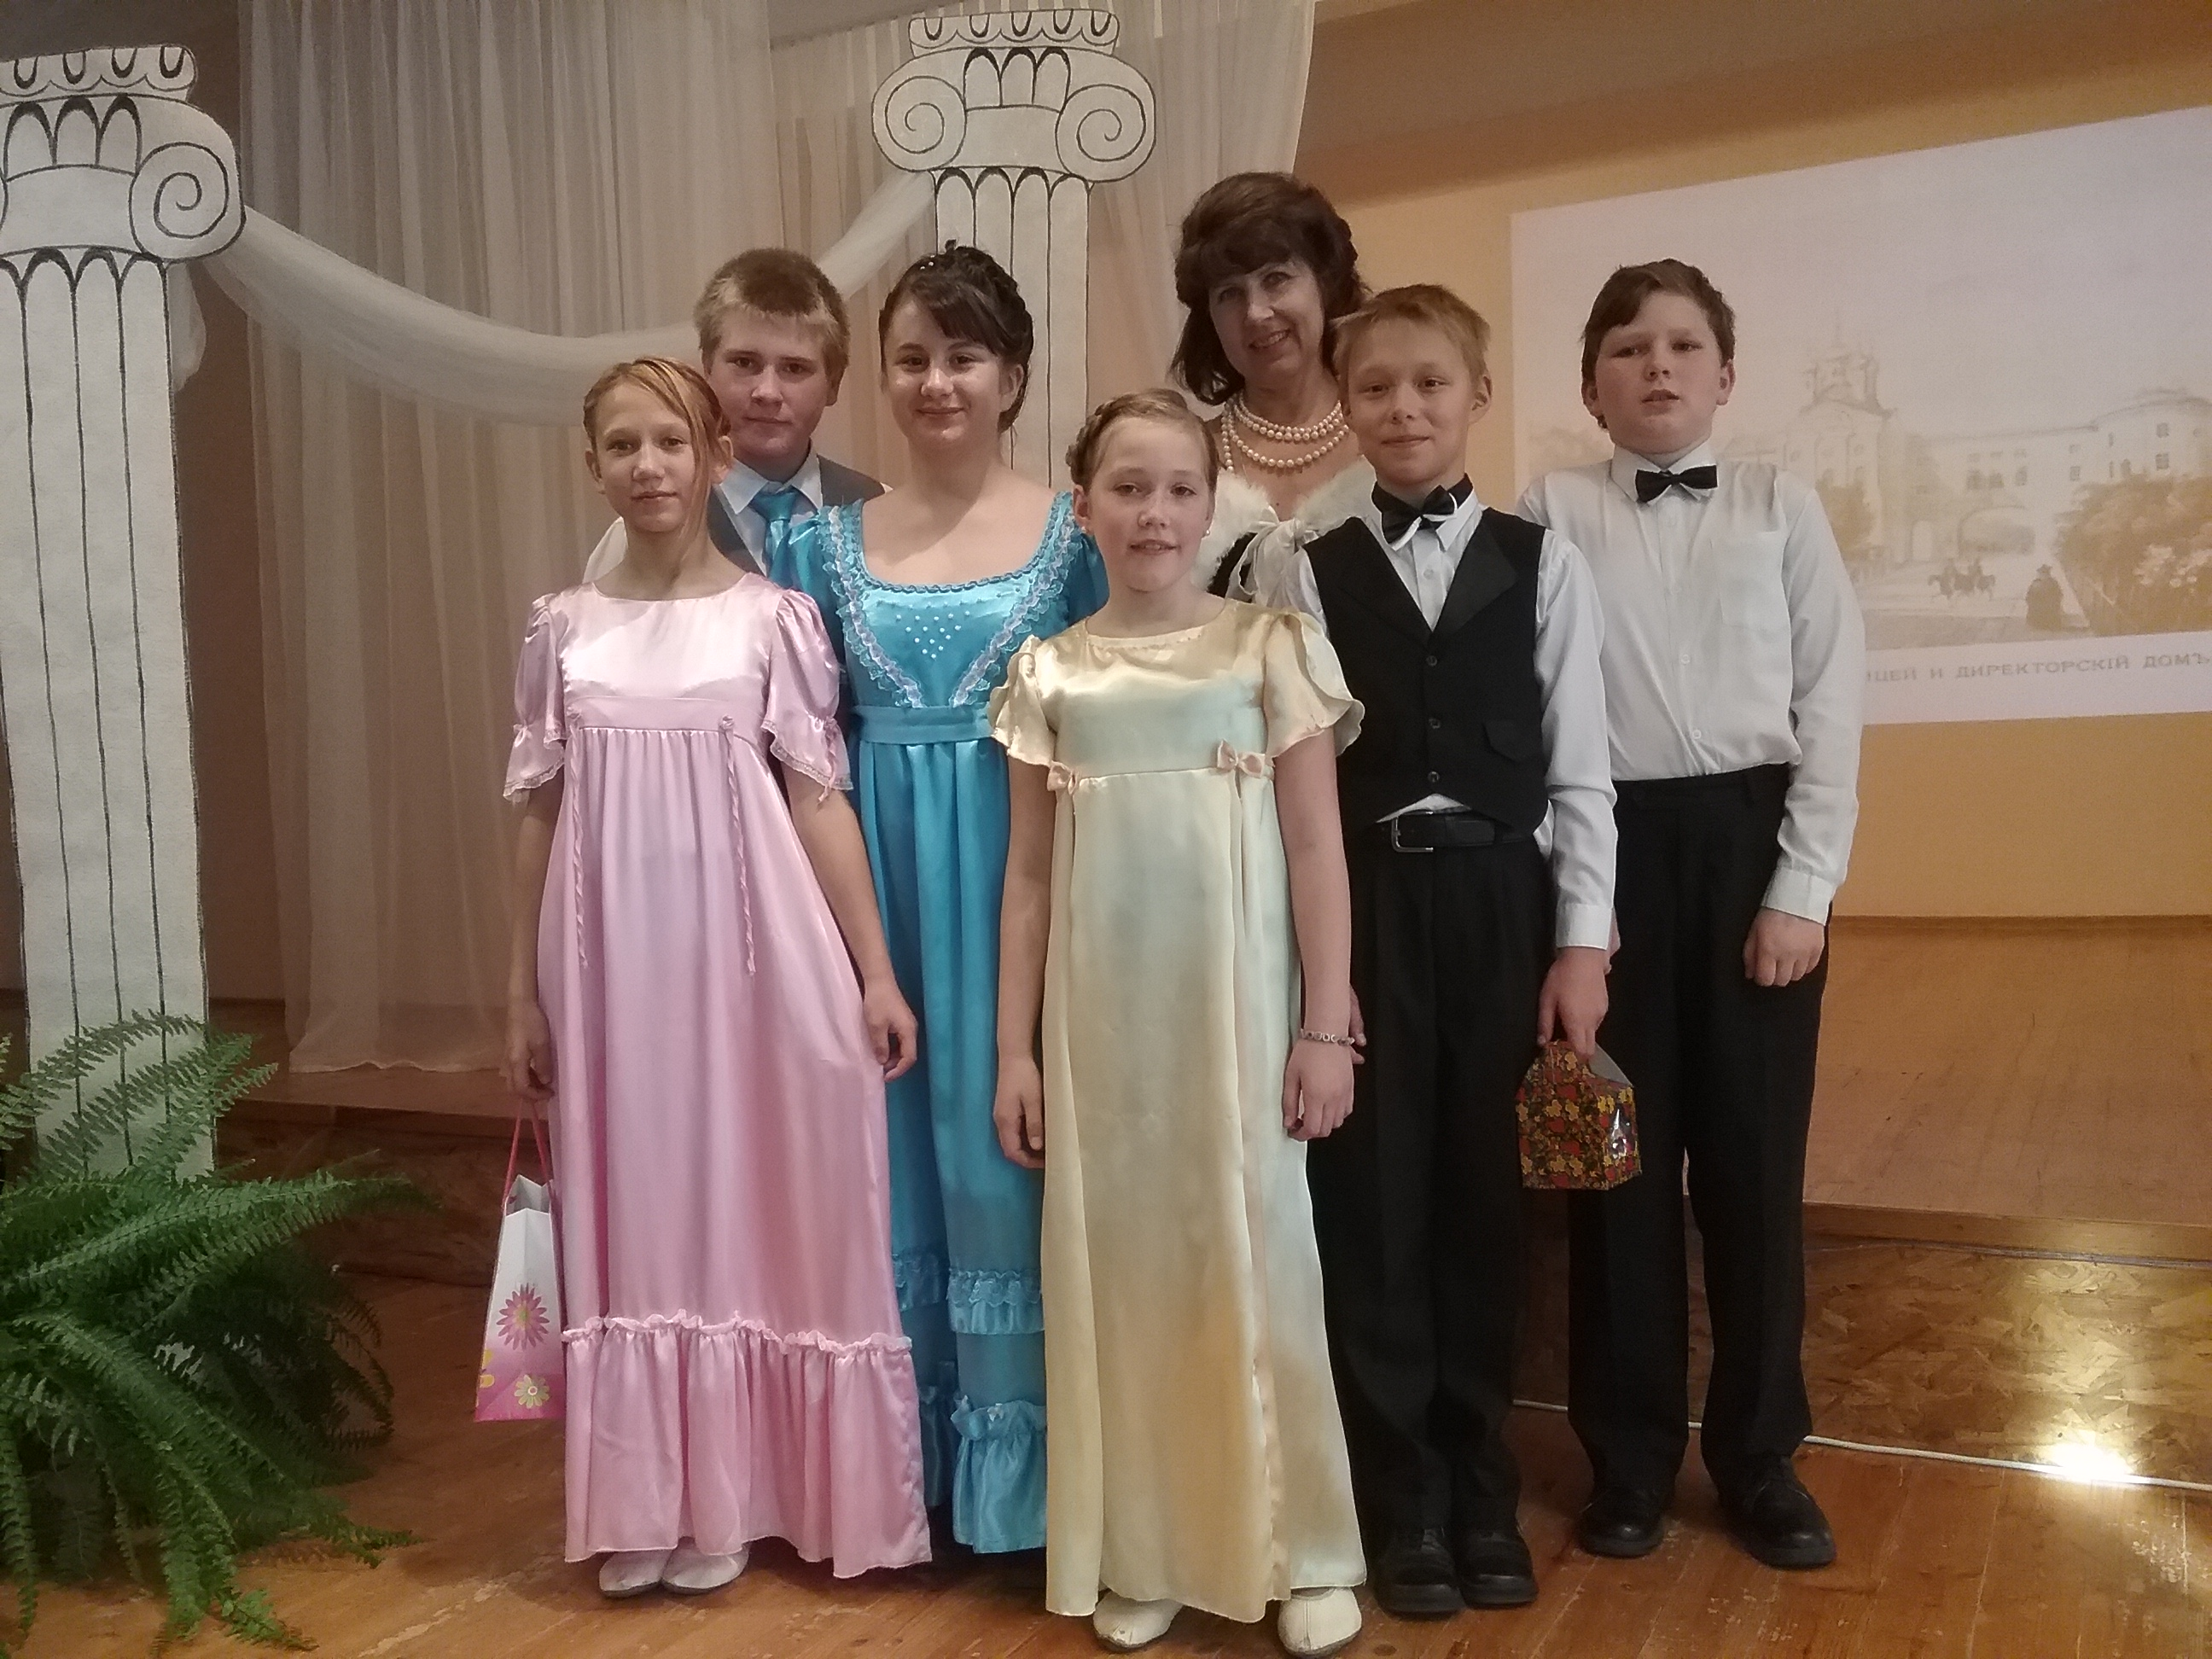 18 октября в Паю школе состоялся традиционный «Осенний Пушкинский бал»